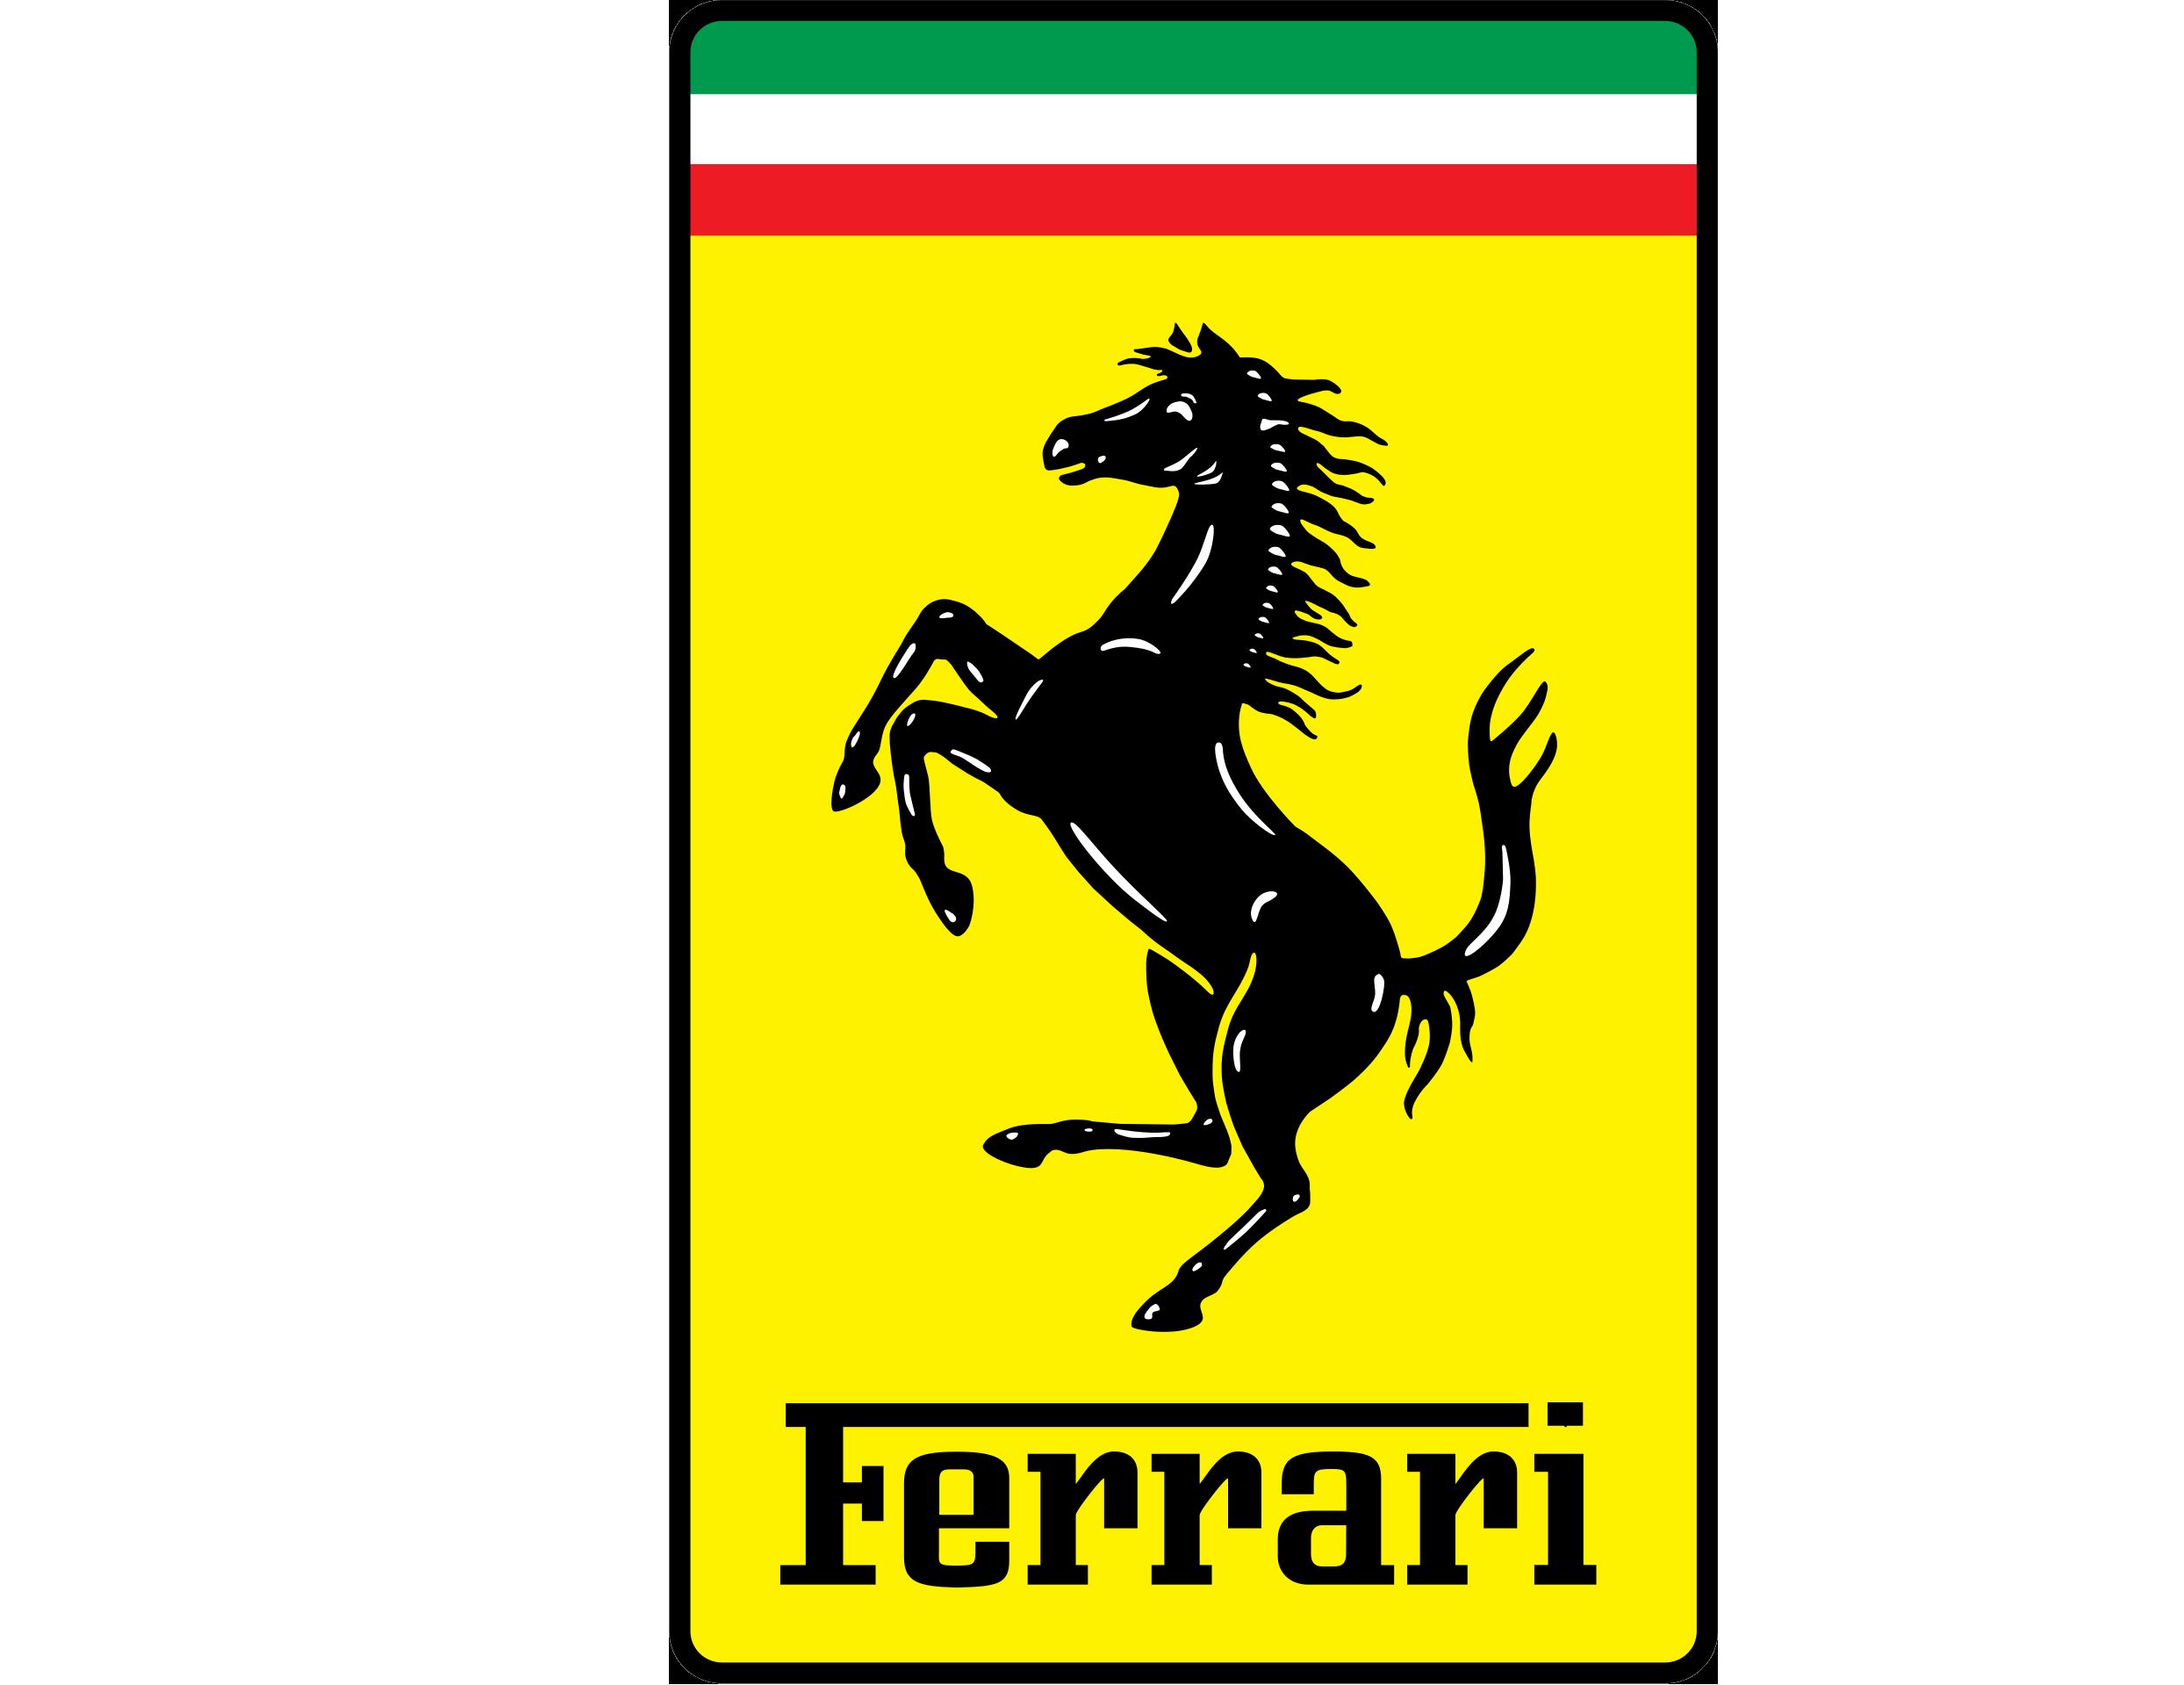 ferrari1.png